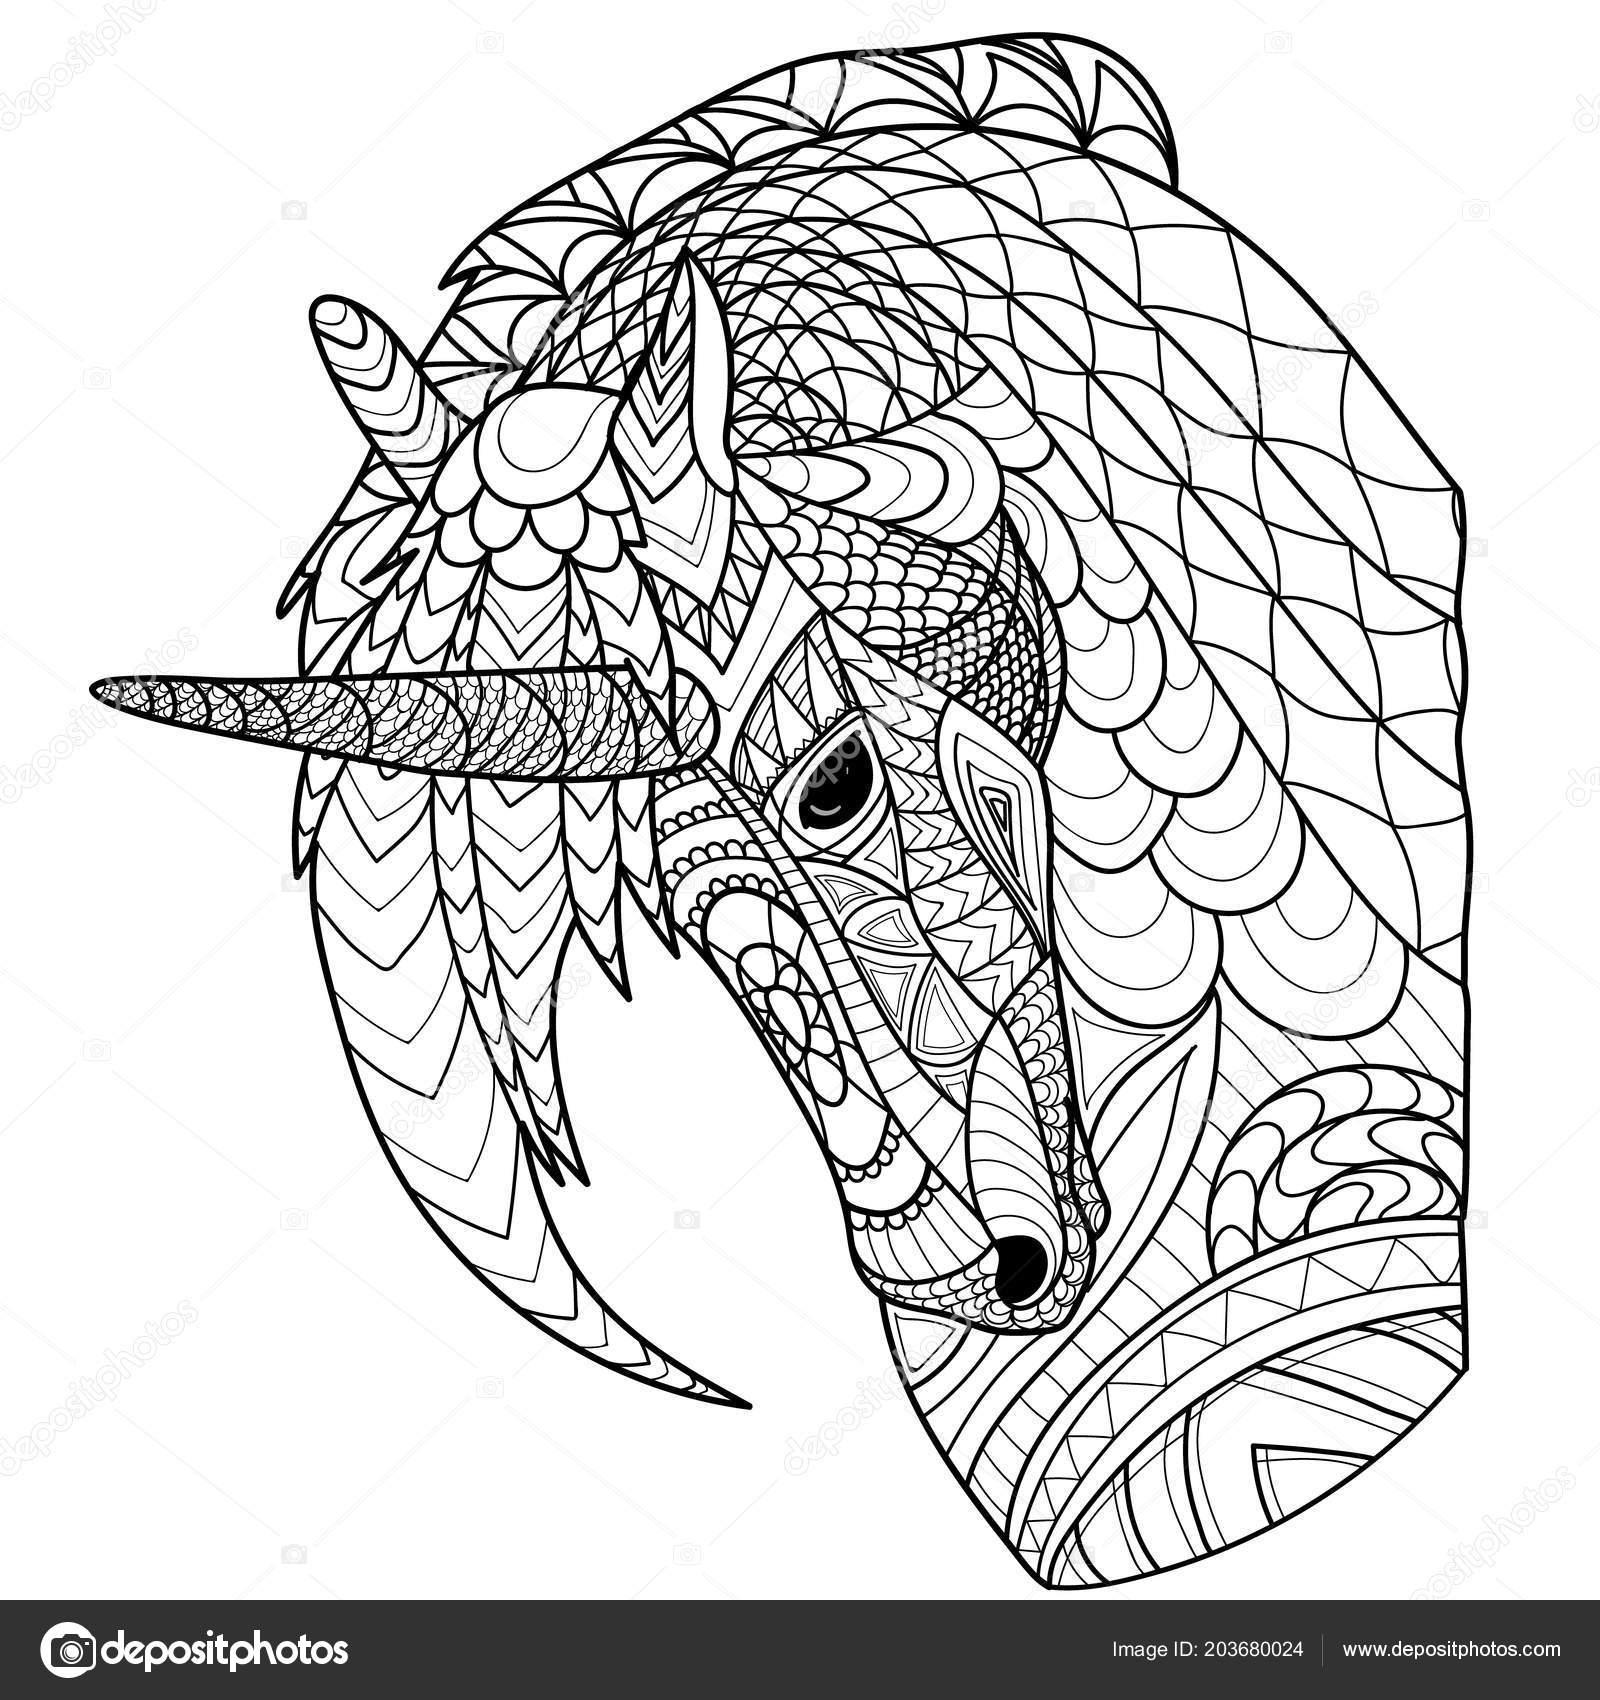 Kleurplaat Paard Hoofd Kleurplaat Boek Kleurplaten Pagina Met Paard Eenhoorn